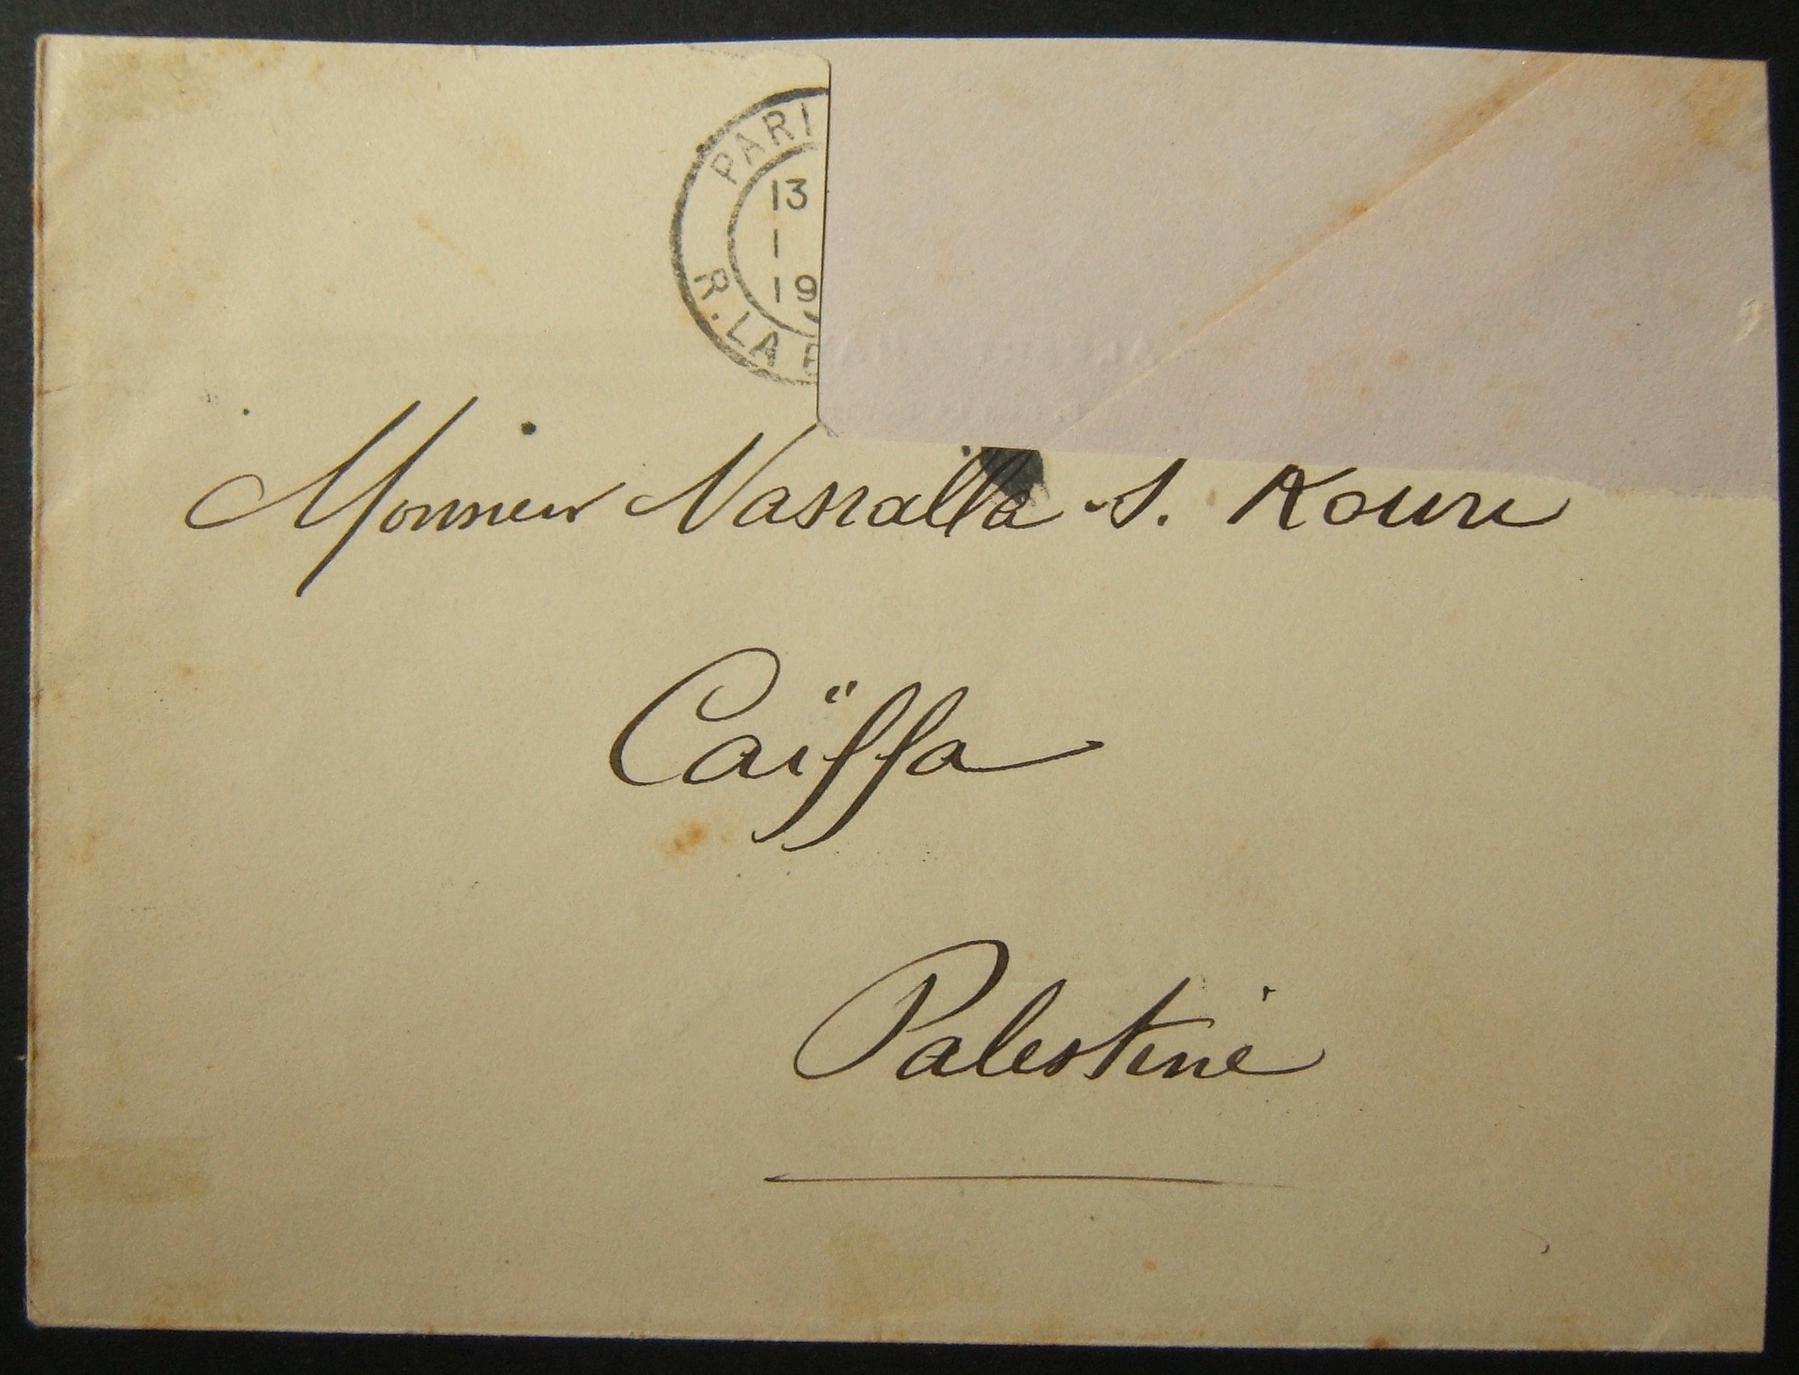 8/1929 נציב ארץ ישראל נדיר חיפה בזאר סניף חותמת דואר בדואר לפריז